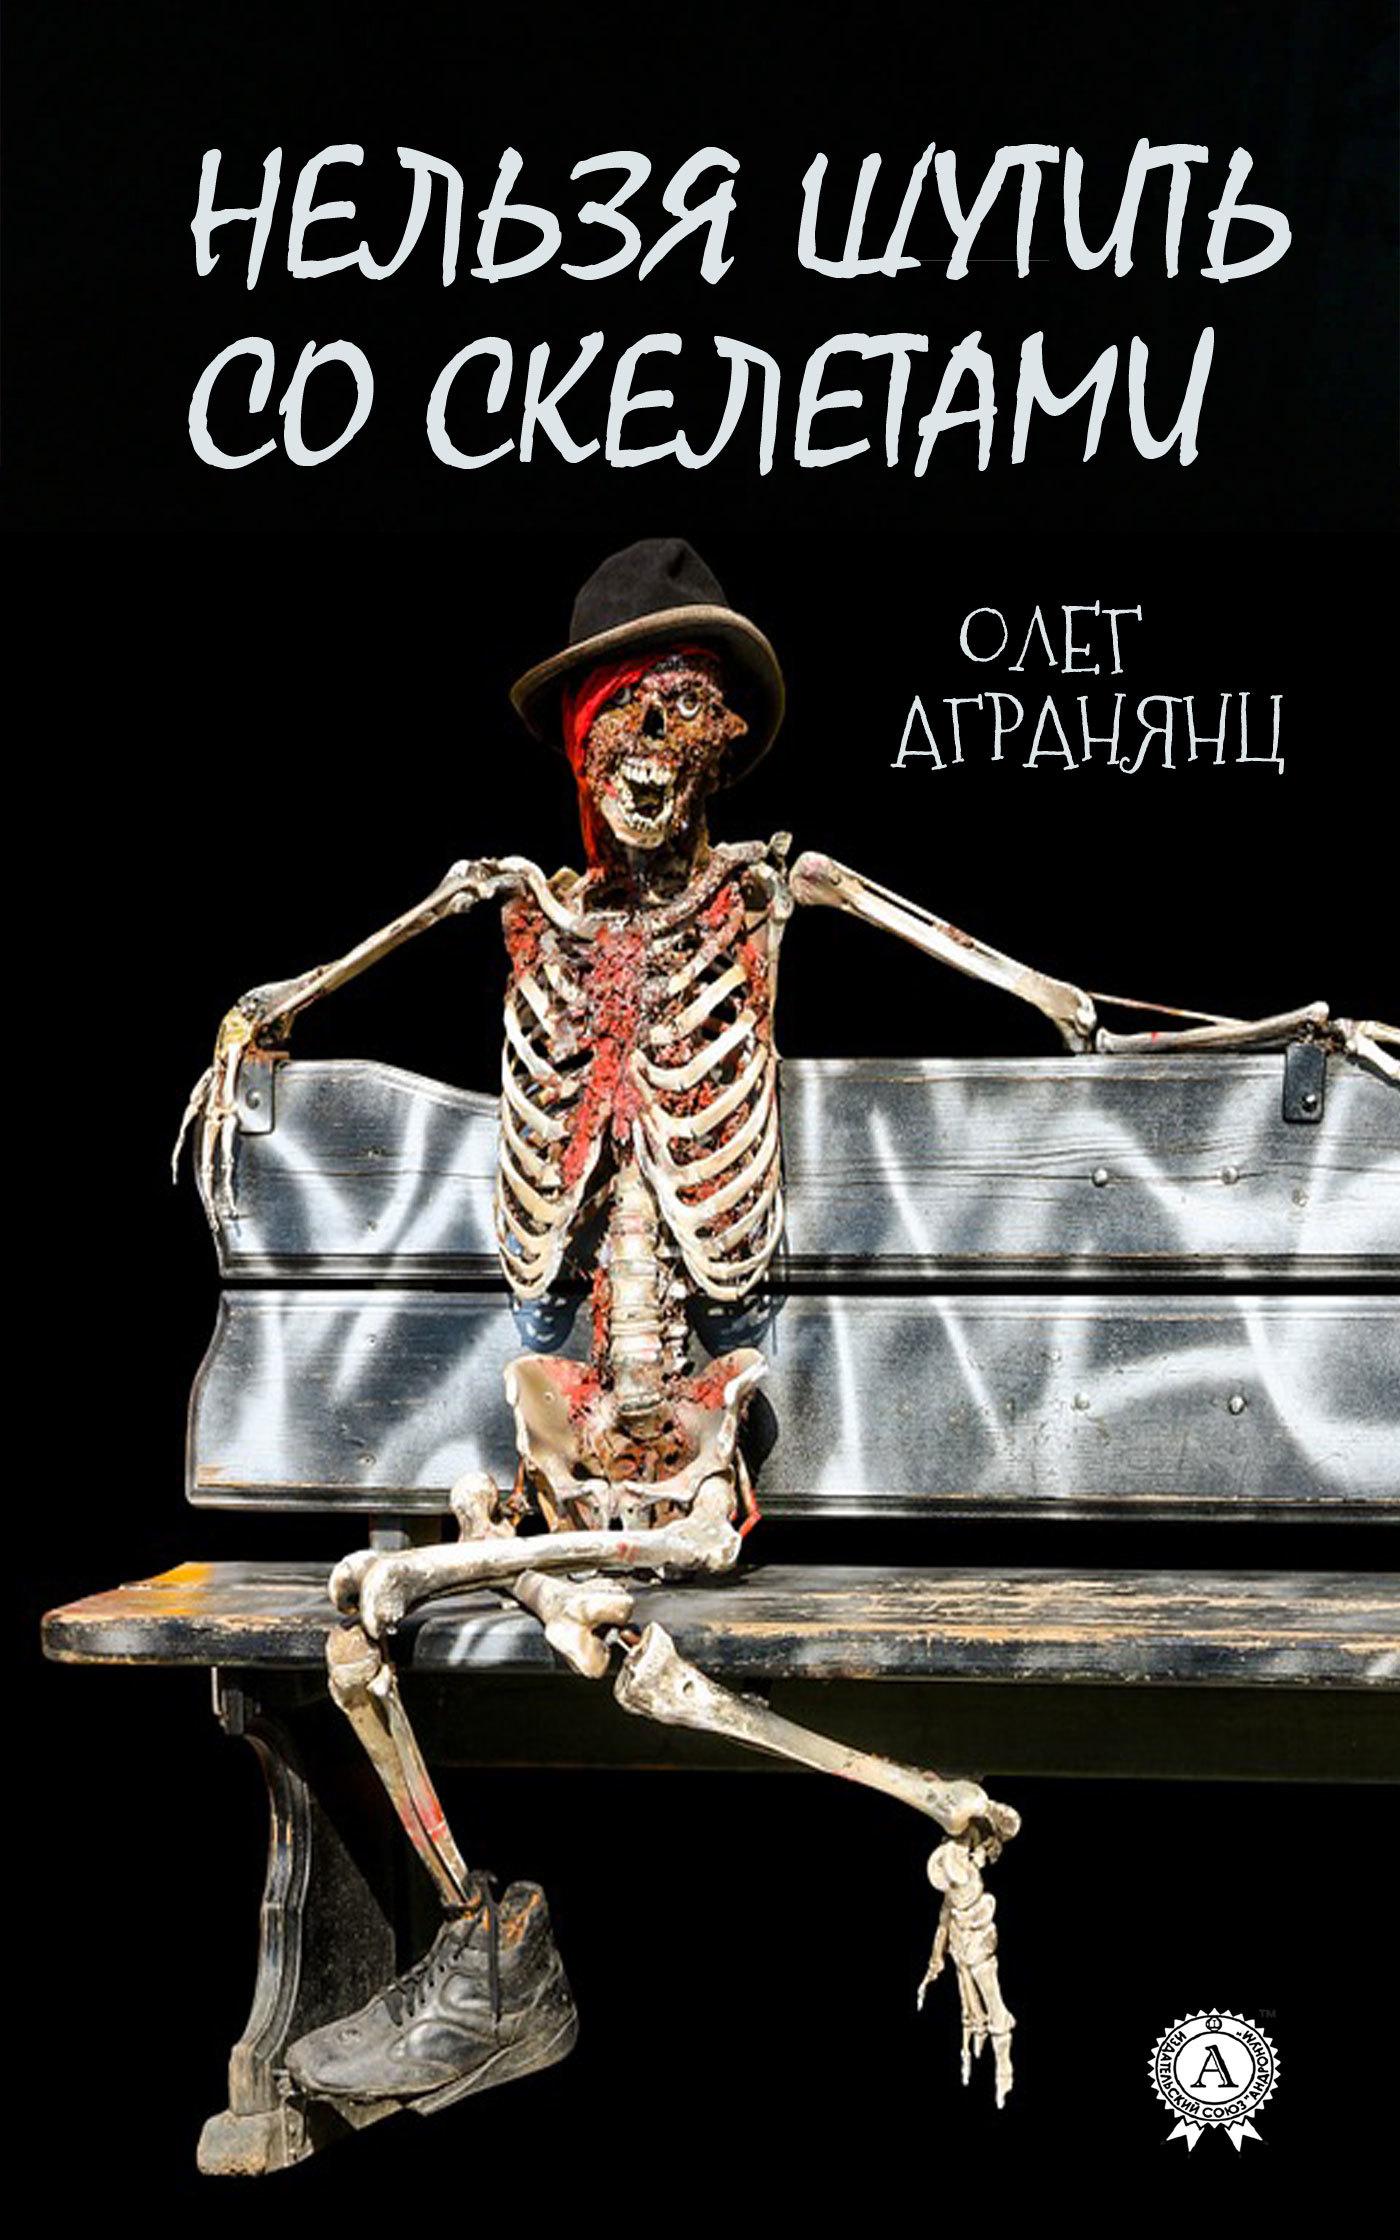 Нельзя шутить со скелетами